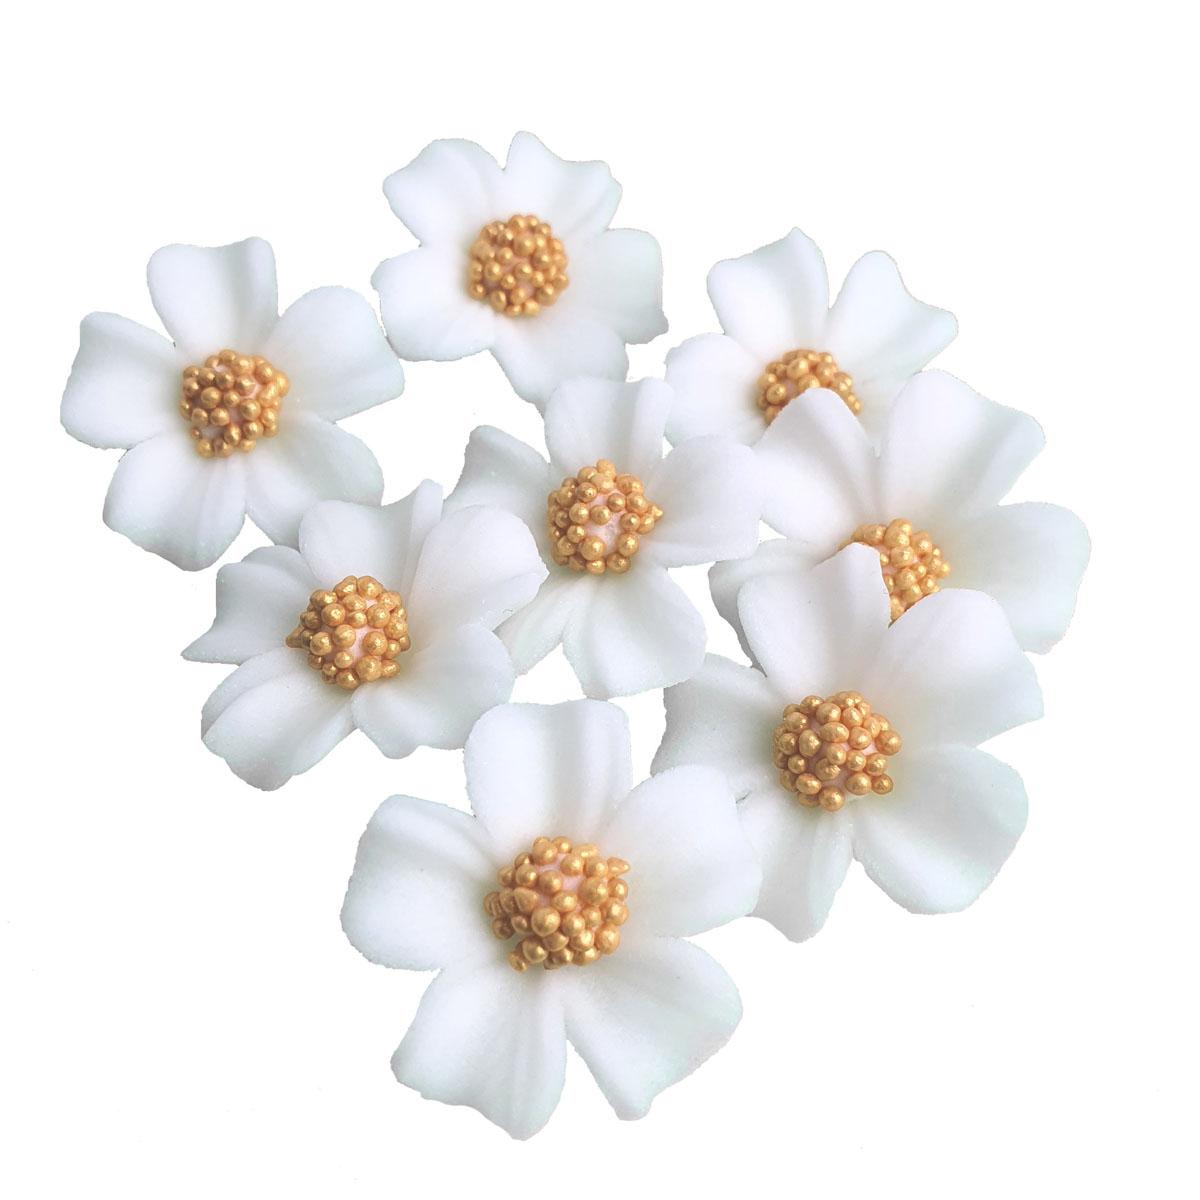 Zuckerblumen Vergissmeinnicht 8 Stück - Weiss / Gold